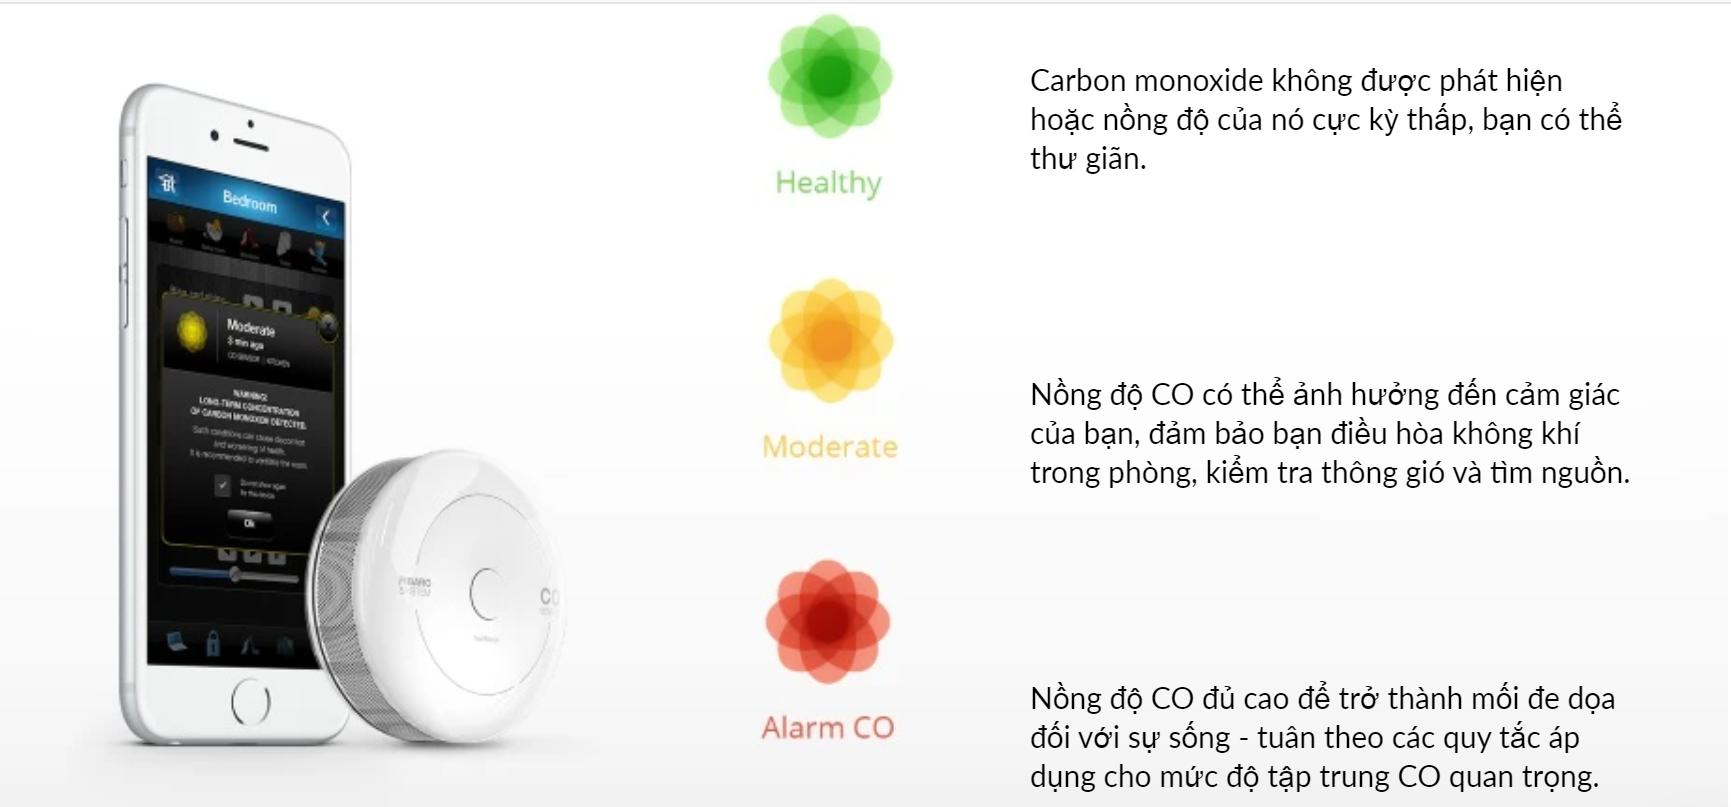 Cảm biến khí CO nhà thông minh smarthome CO sensor FIBARO